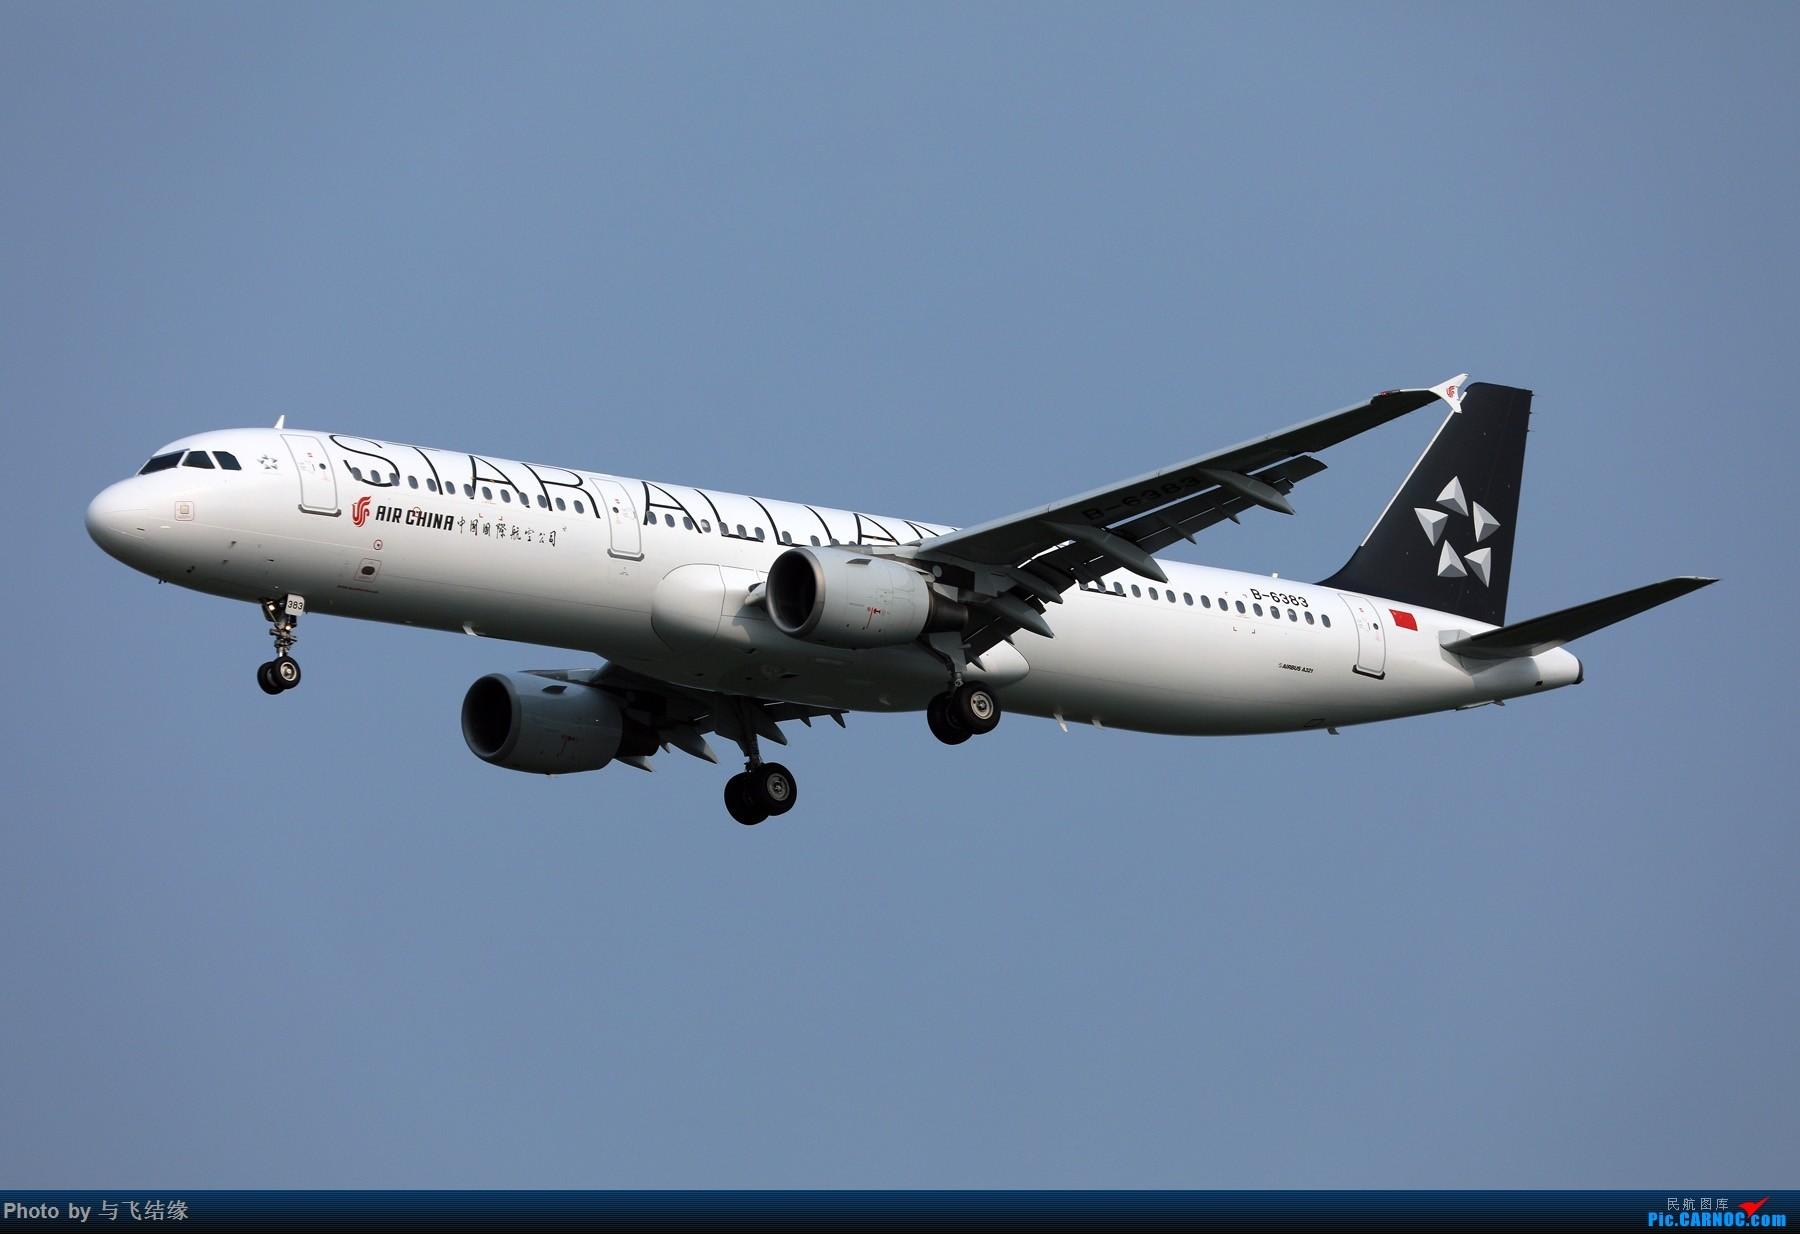 中国国际航空Airbus A321-200星空联盟涂装B-6383. AIRBUS A321-200 B-6383 中国北京首都国际机场